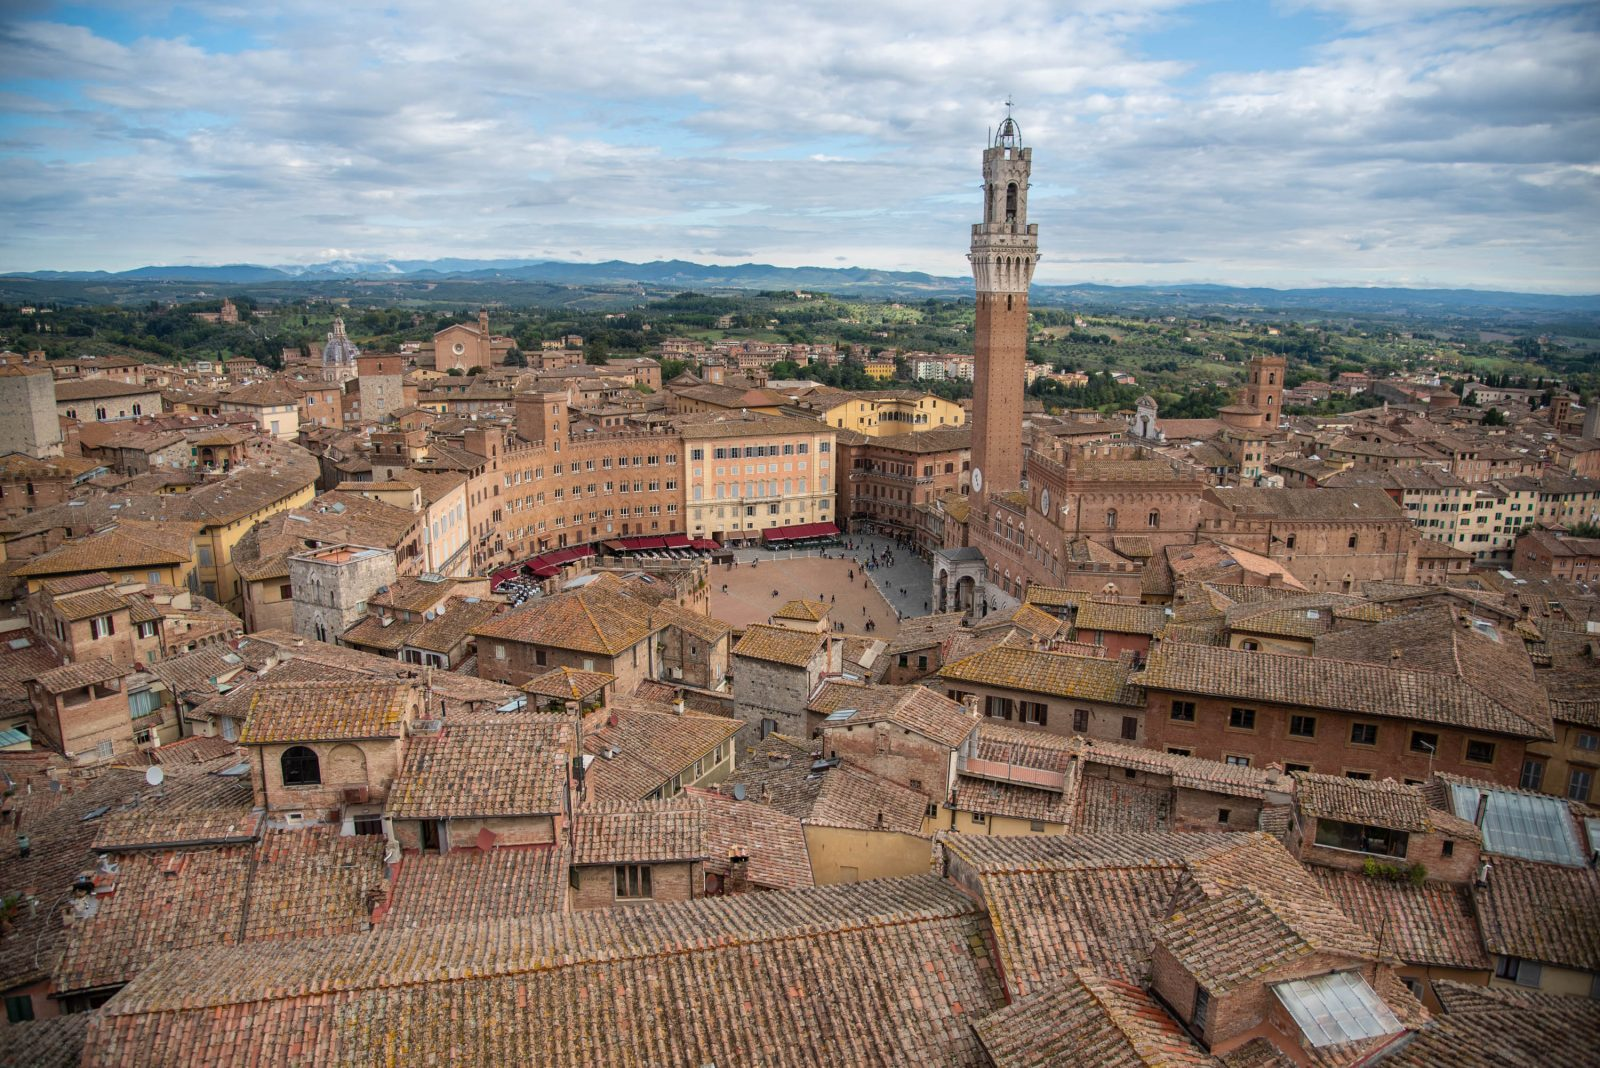 Siena - Siena da visitare - cosa vedere a siena - istanti in viaggio -